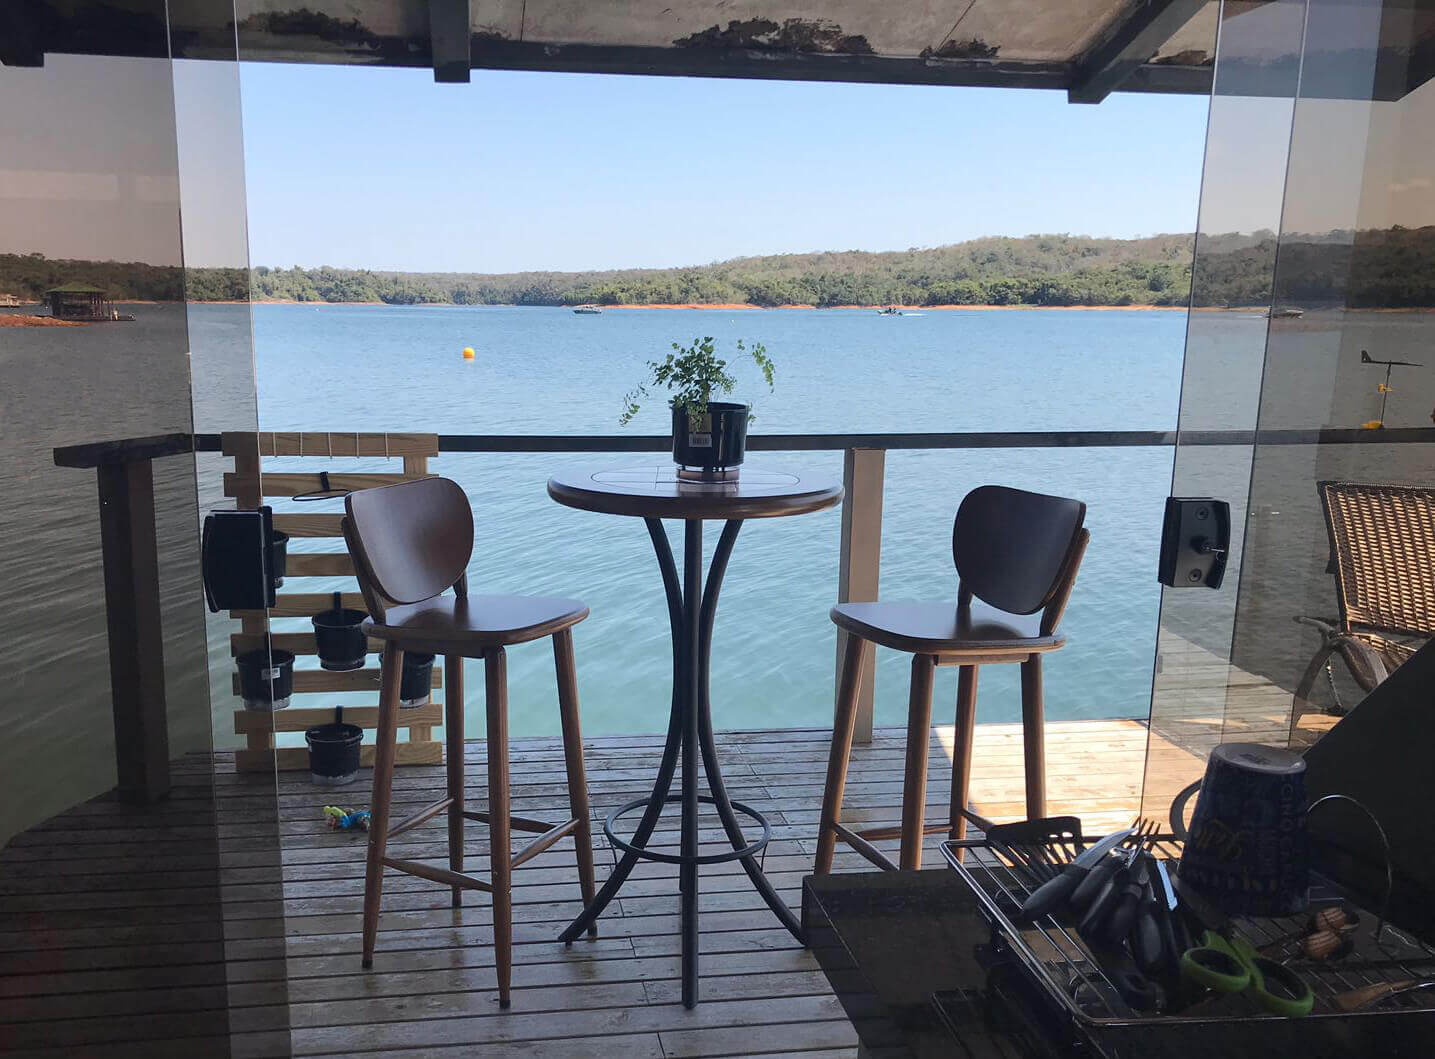 mesa redonda alta com banquetas em deck de madeira com visão para o rio (2)